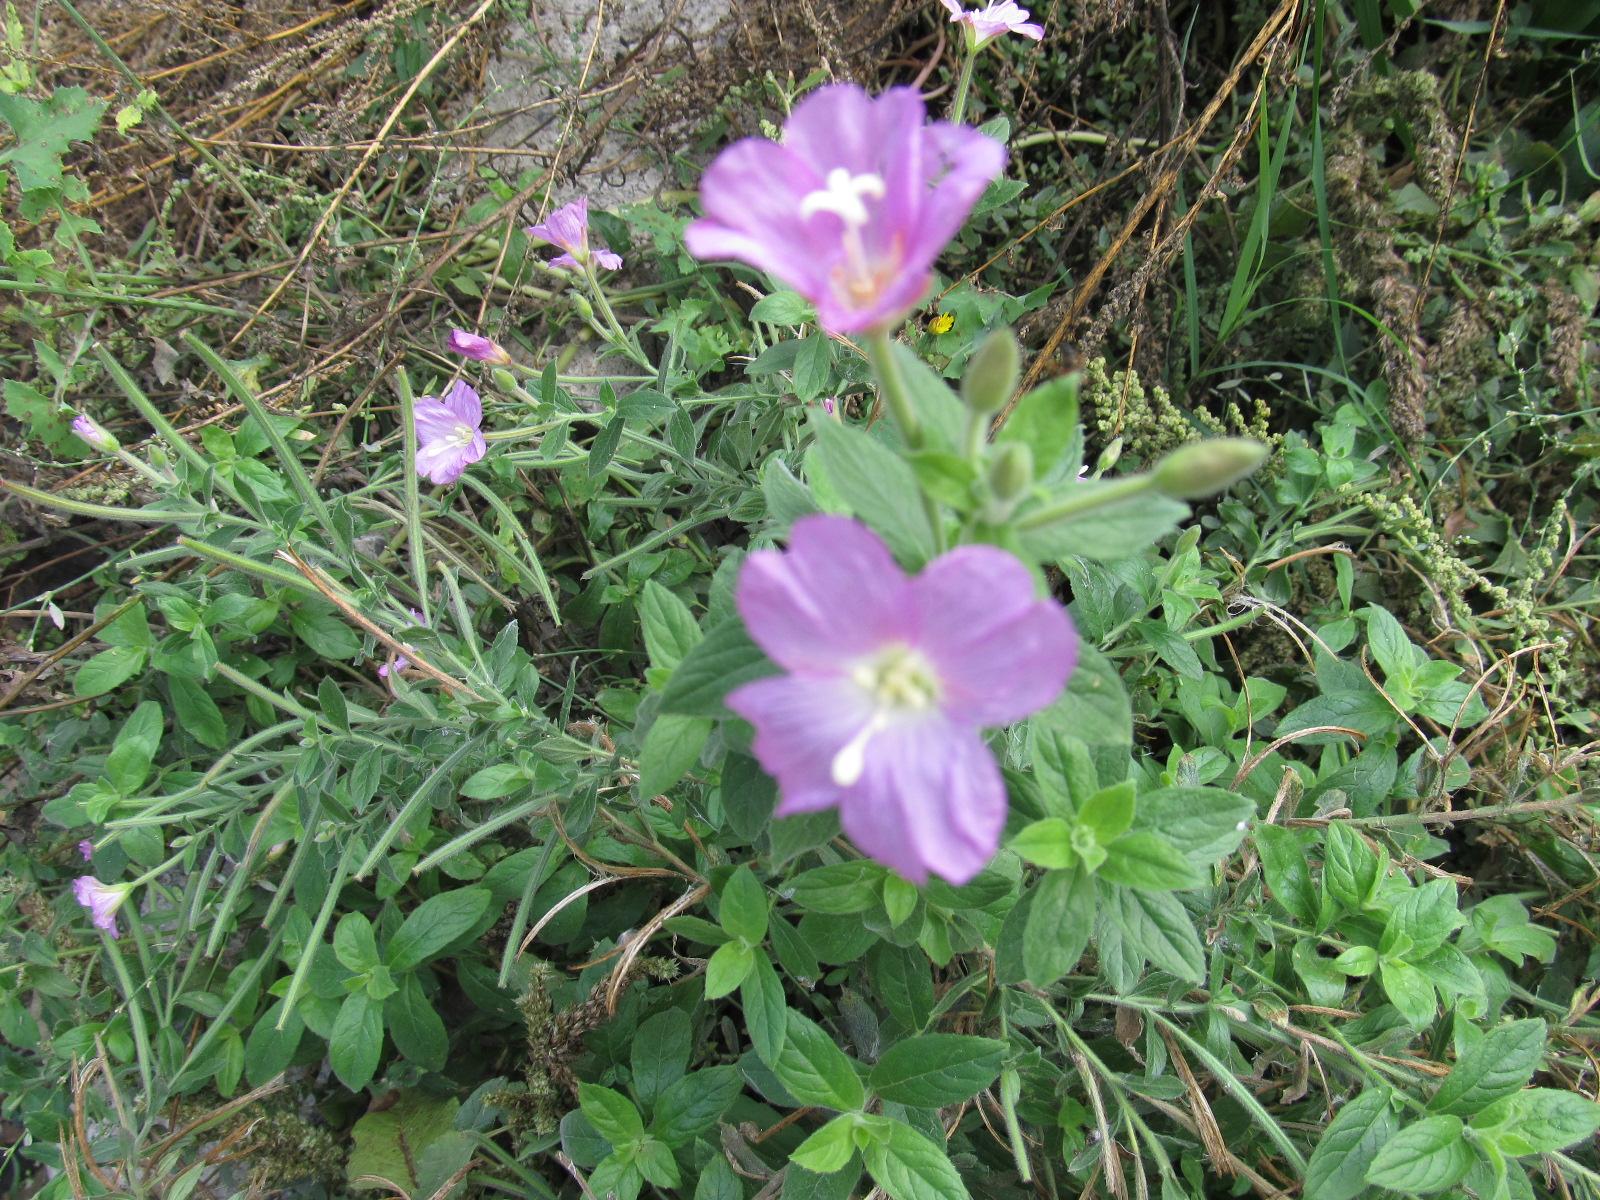 Bazı kır papatyalar sonbahar da çiçek açmaya başlamışlar